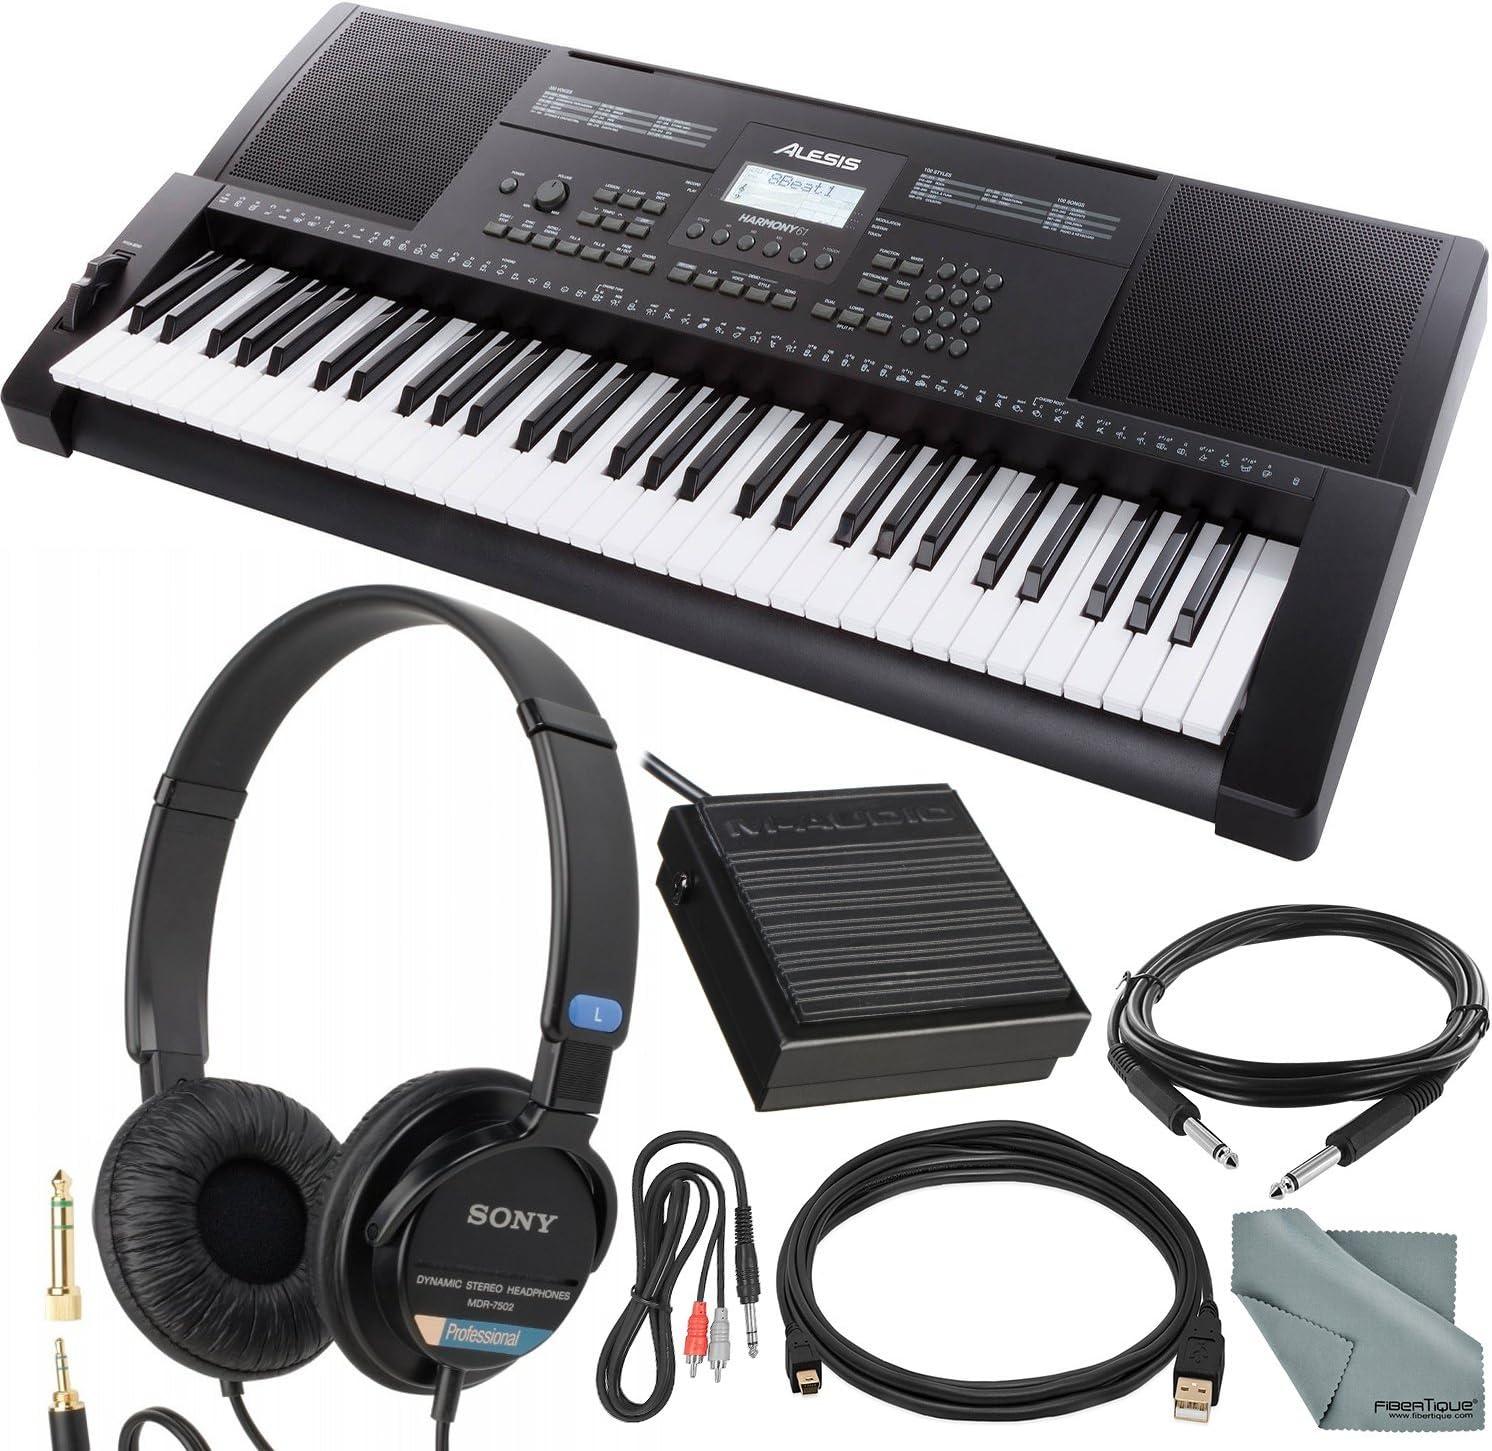 Alesis Harmony 61/61 teclado portátil con altavoces ...